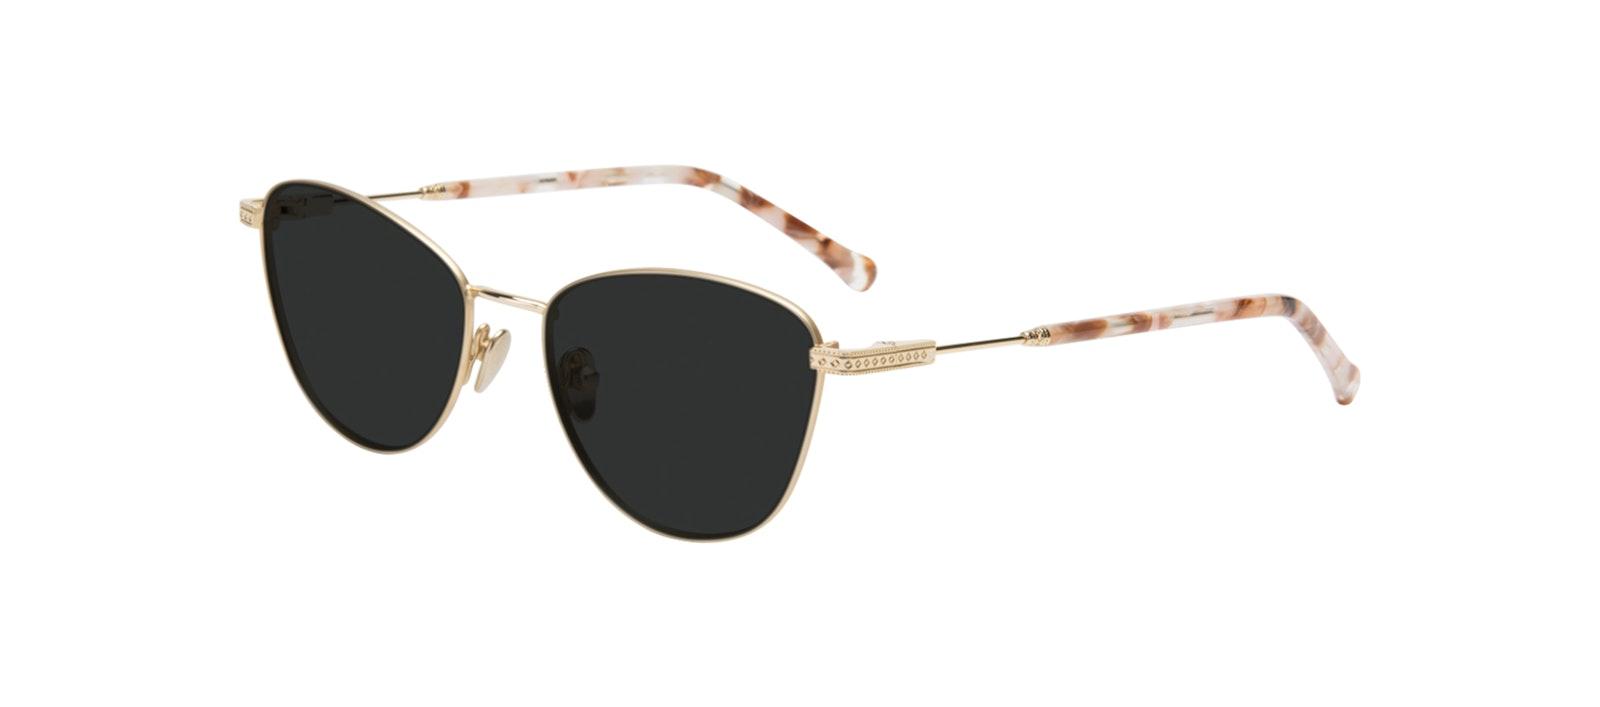 Affordable Fashion Glasses Cat Eye Sunglasses Women Bow Golden Quartz Tilt